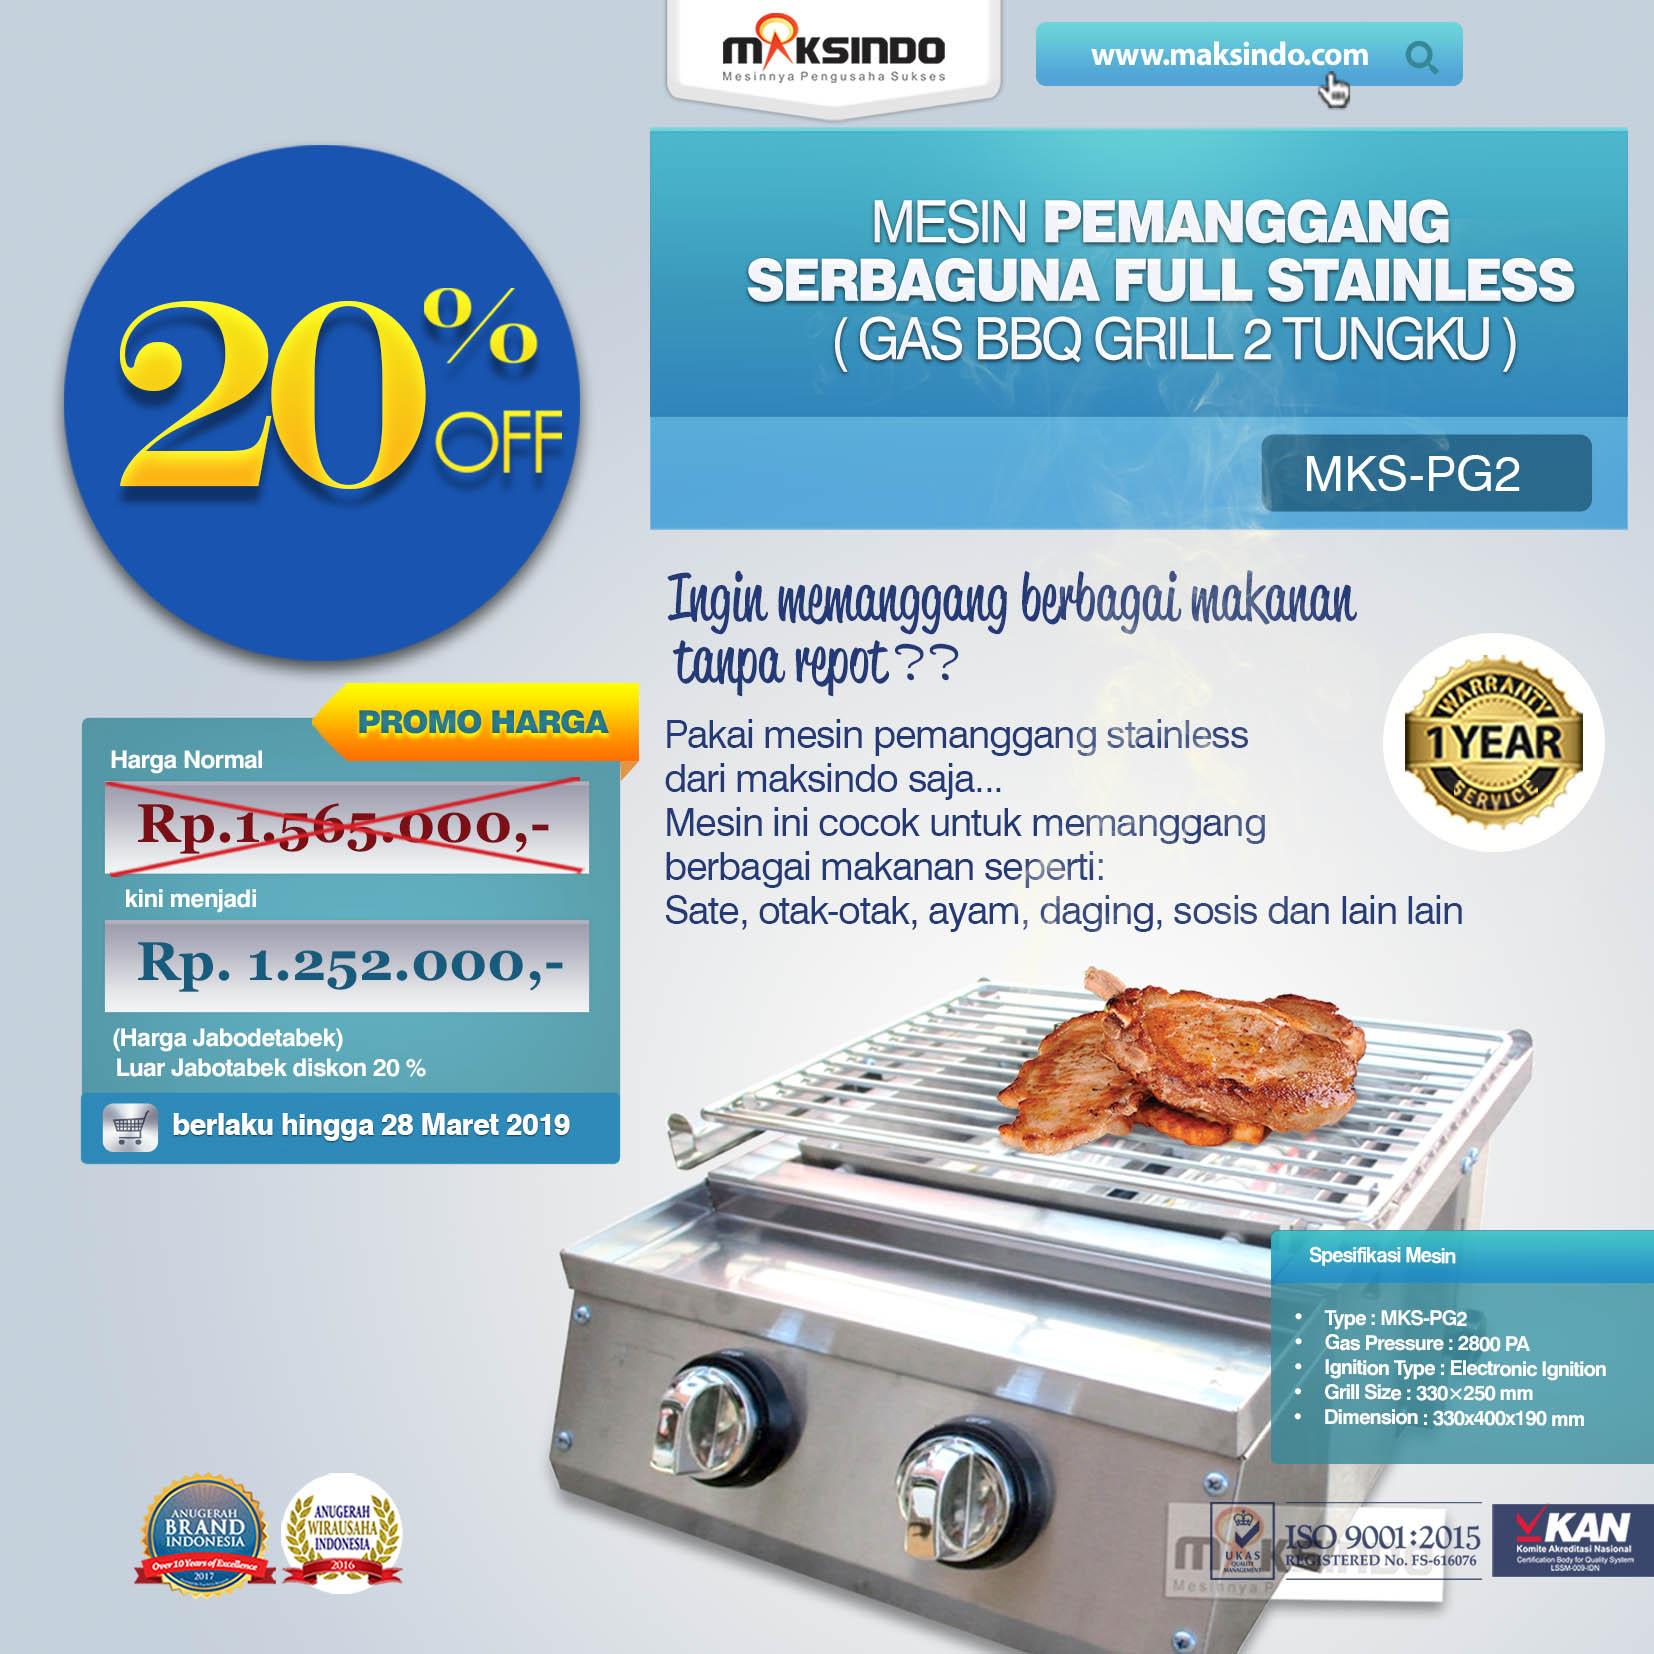 MKS-PG2 Pemanggang Serbaguna Gas BBQ Grill 2 Tungku